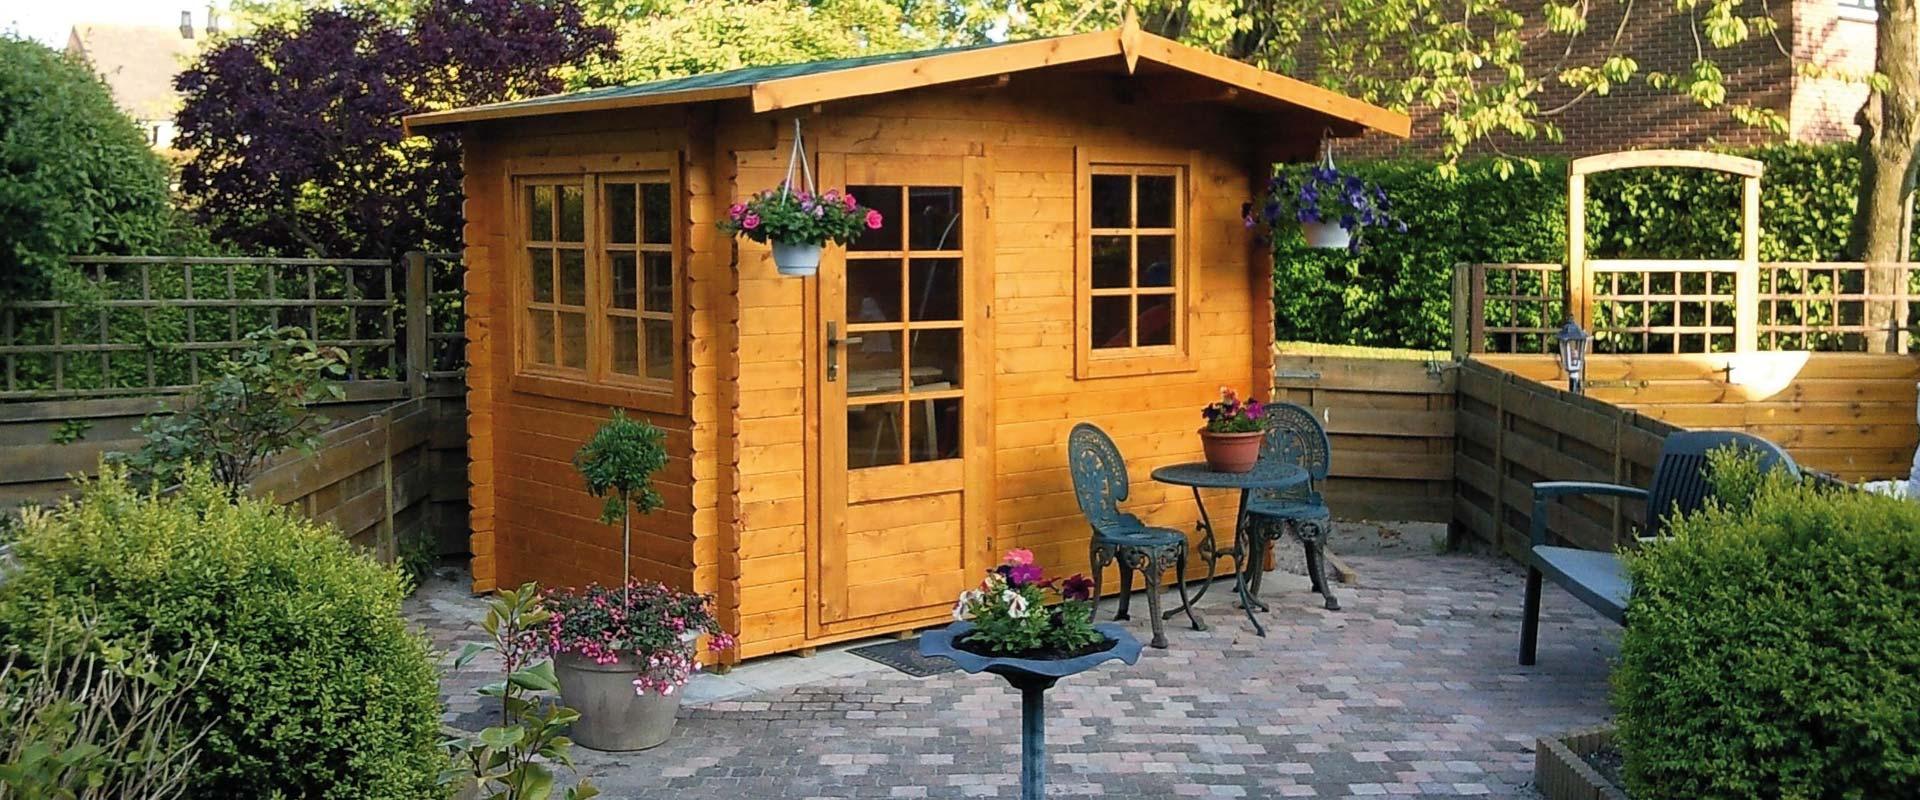 Vendita casette in legno for Casette in legno prezzi scontati